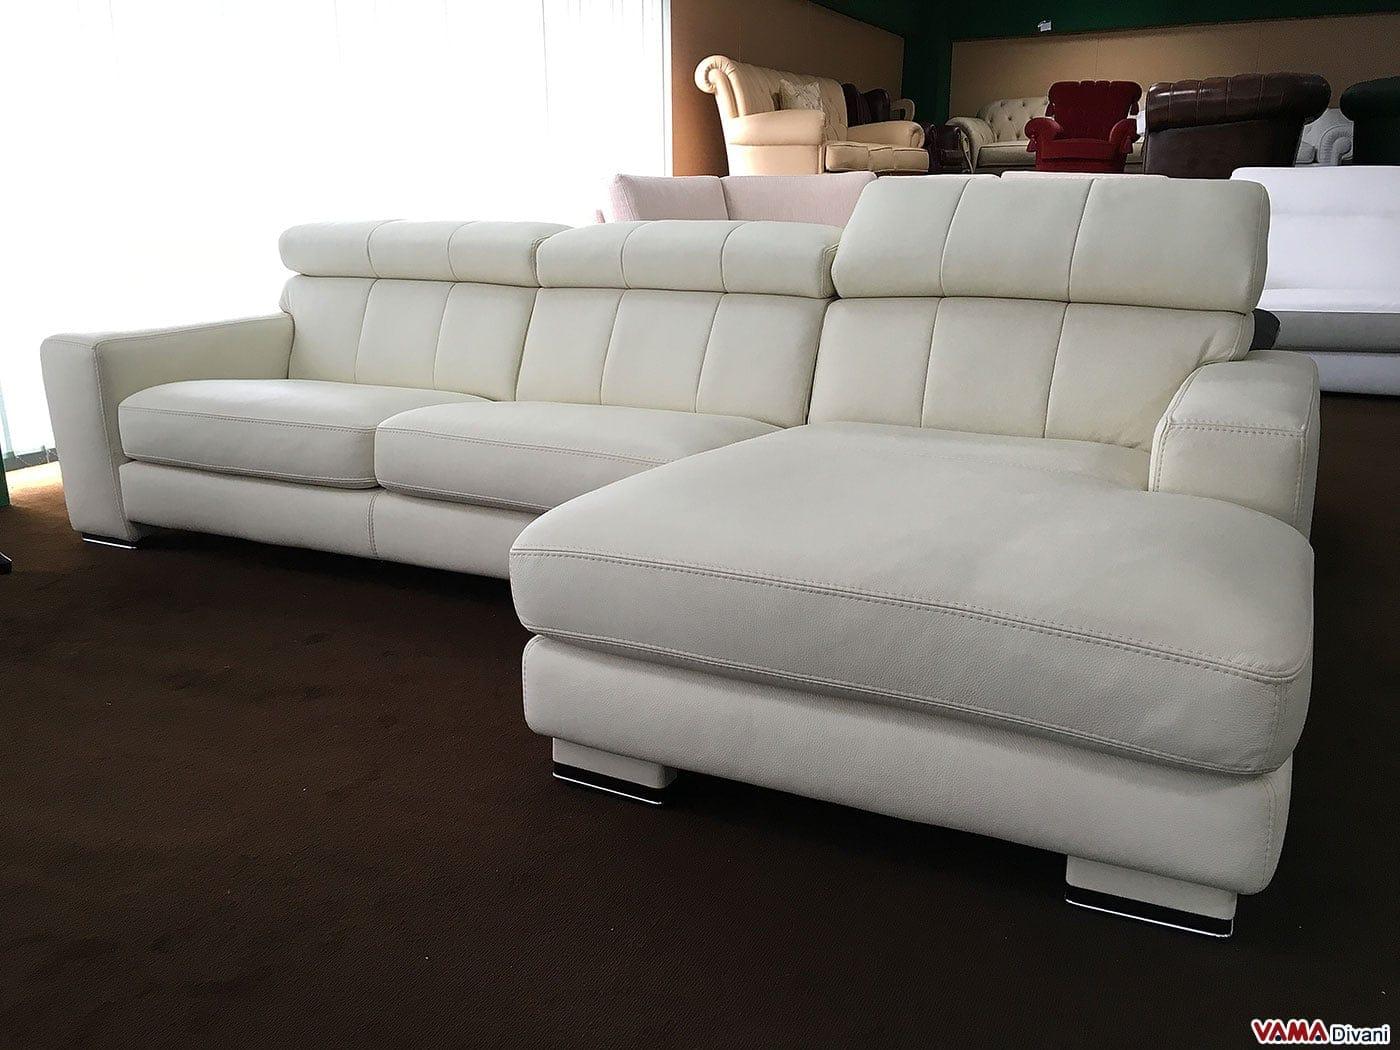 Offerta divano con penisola missouri vama divani - Divano angolare usato ...